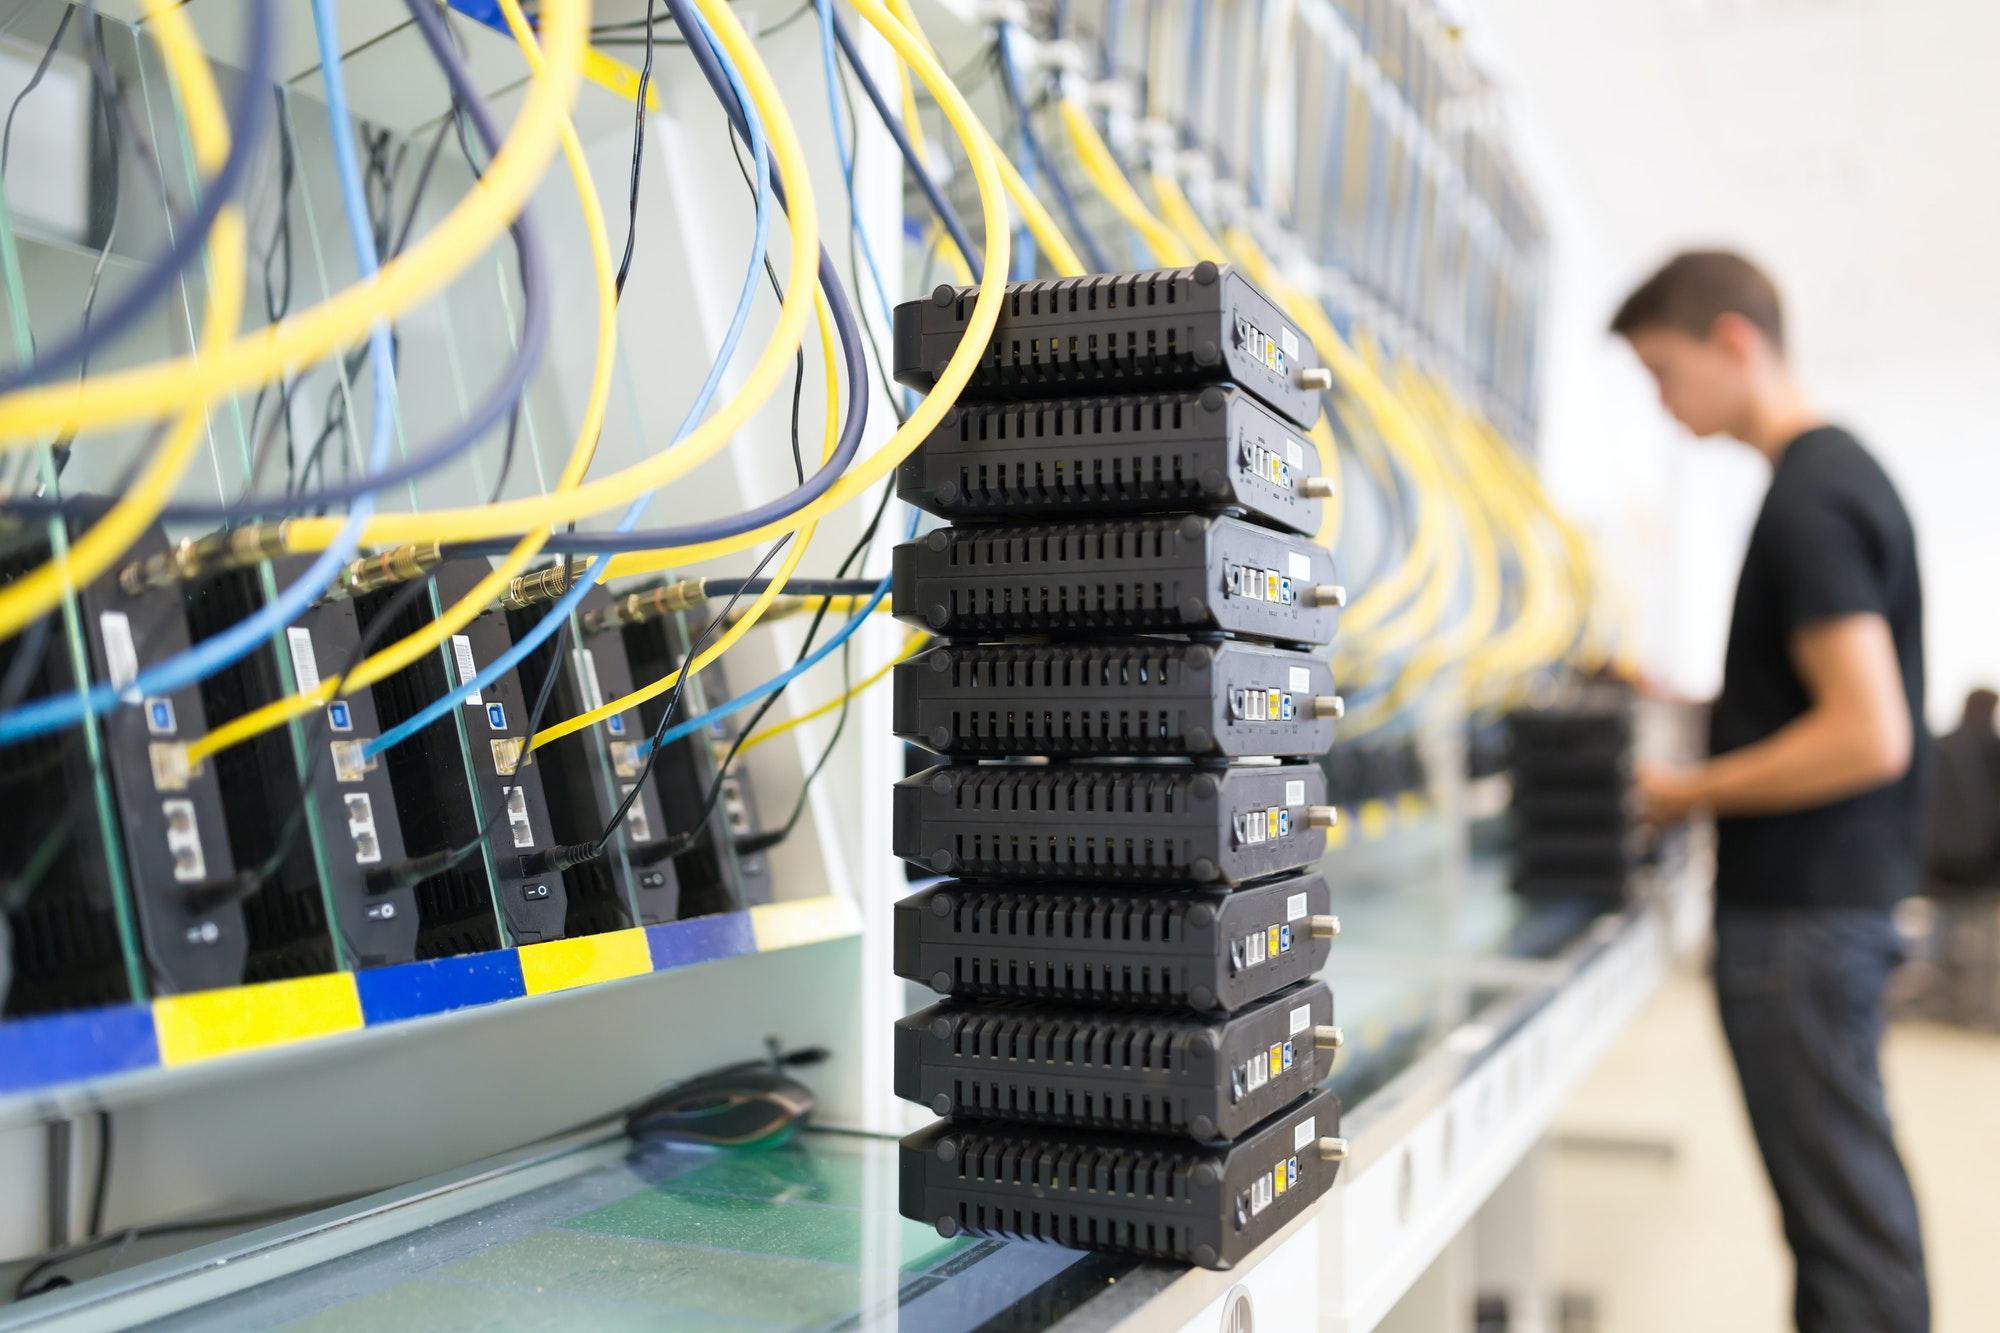 Modern networking hardware test bench